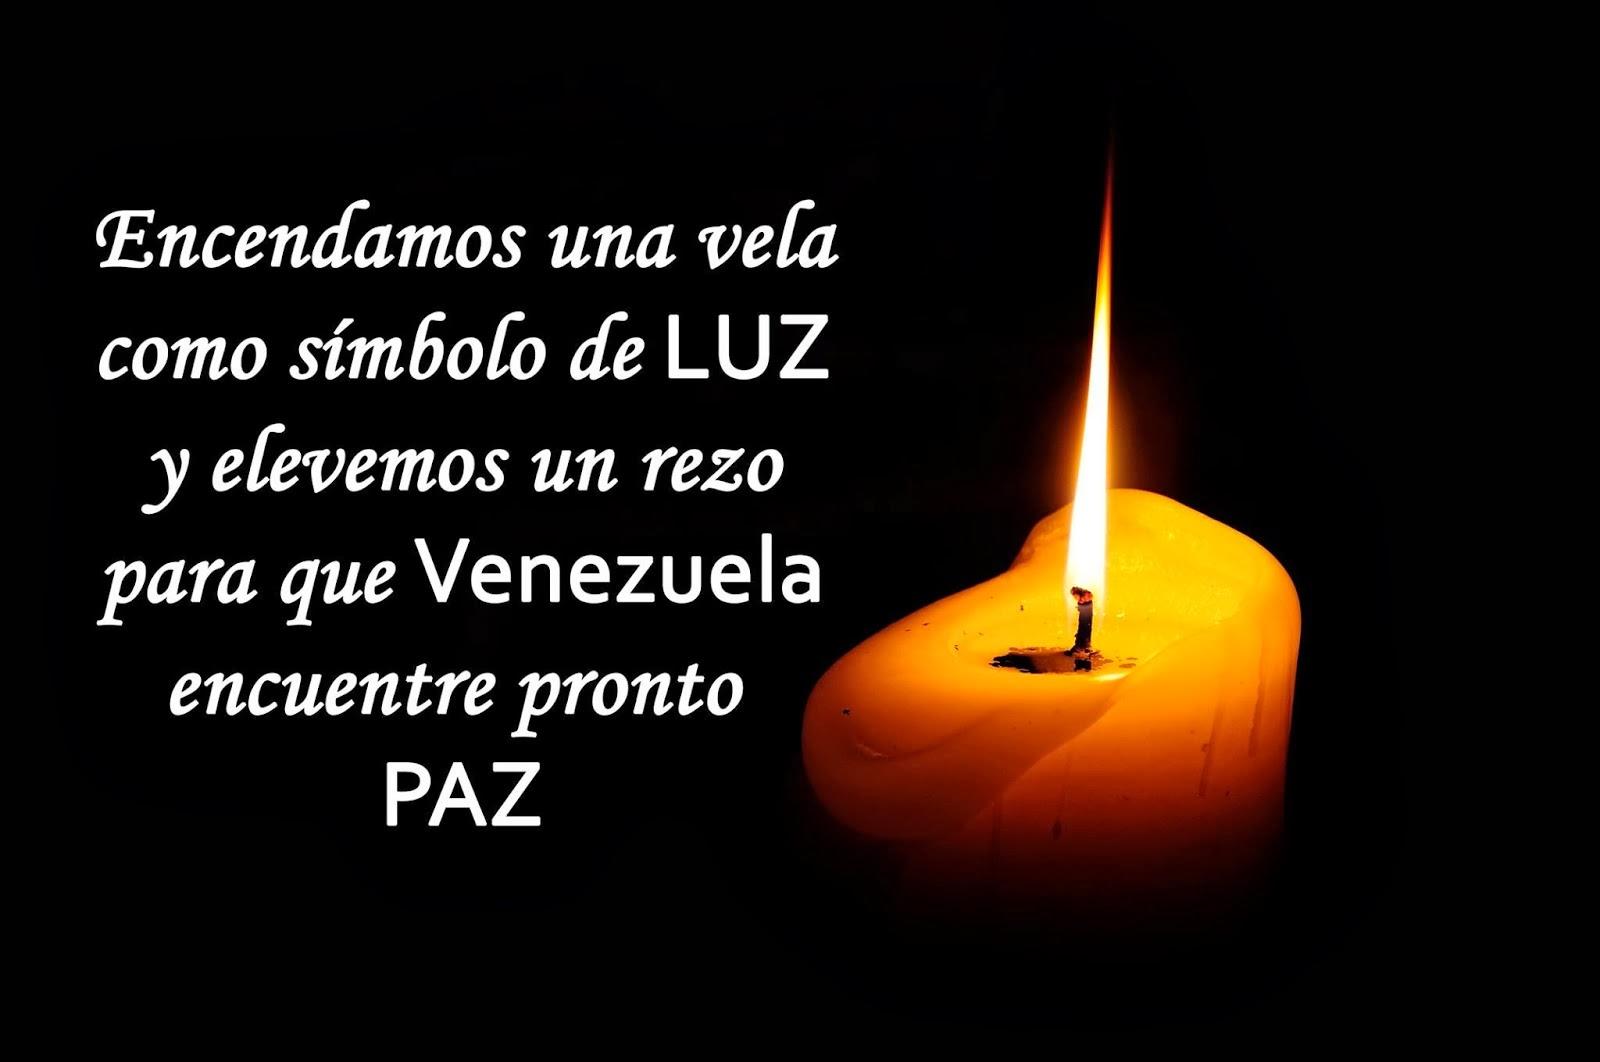 TODOS LOS ACTIVISTAS DEL CAPPF NOS UNIMOS EN APOYO AL HERMANO PUEBLO DE VENEZUELA